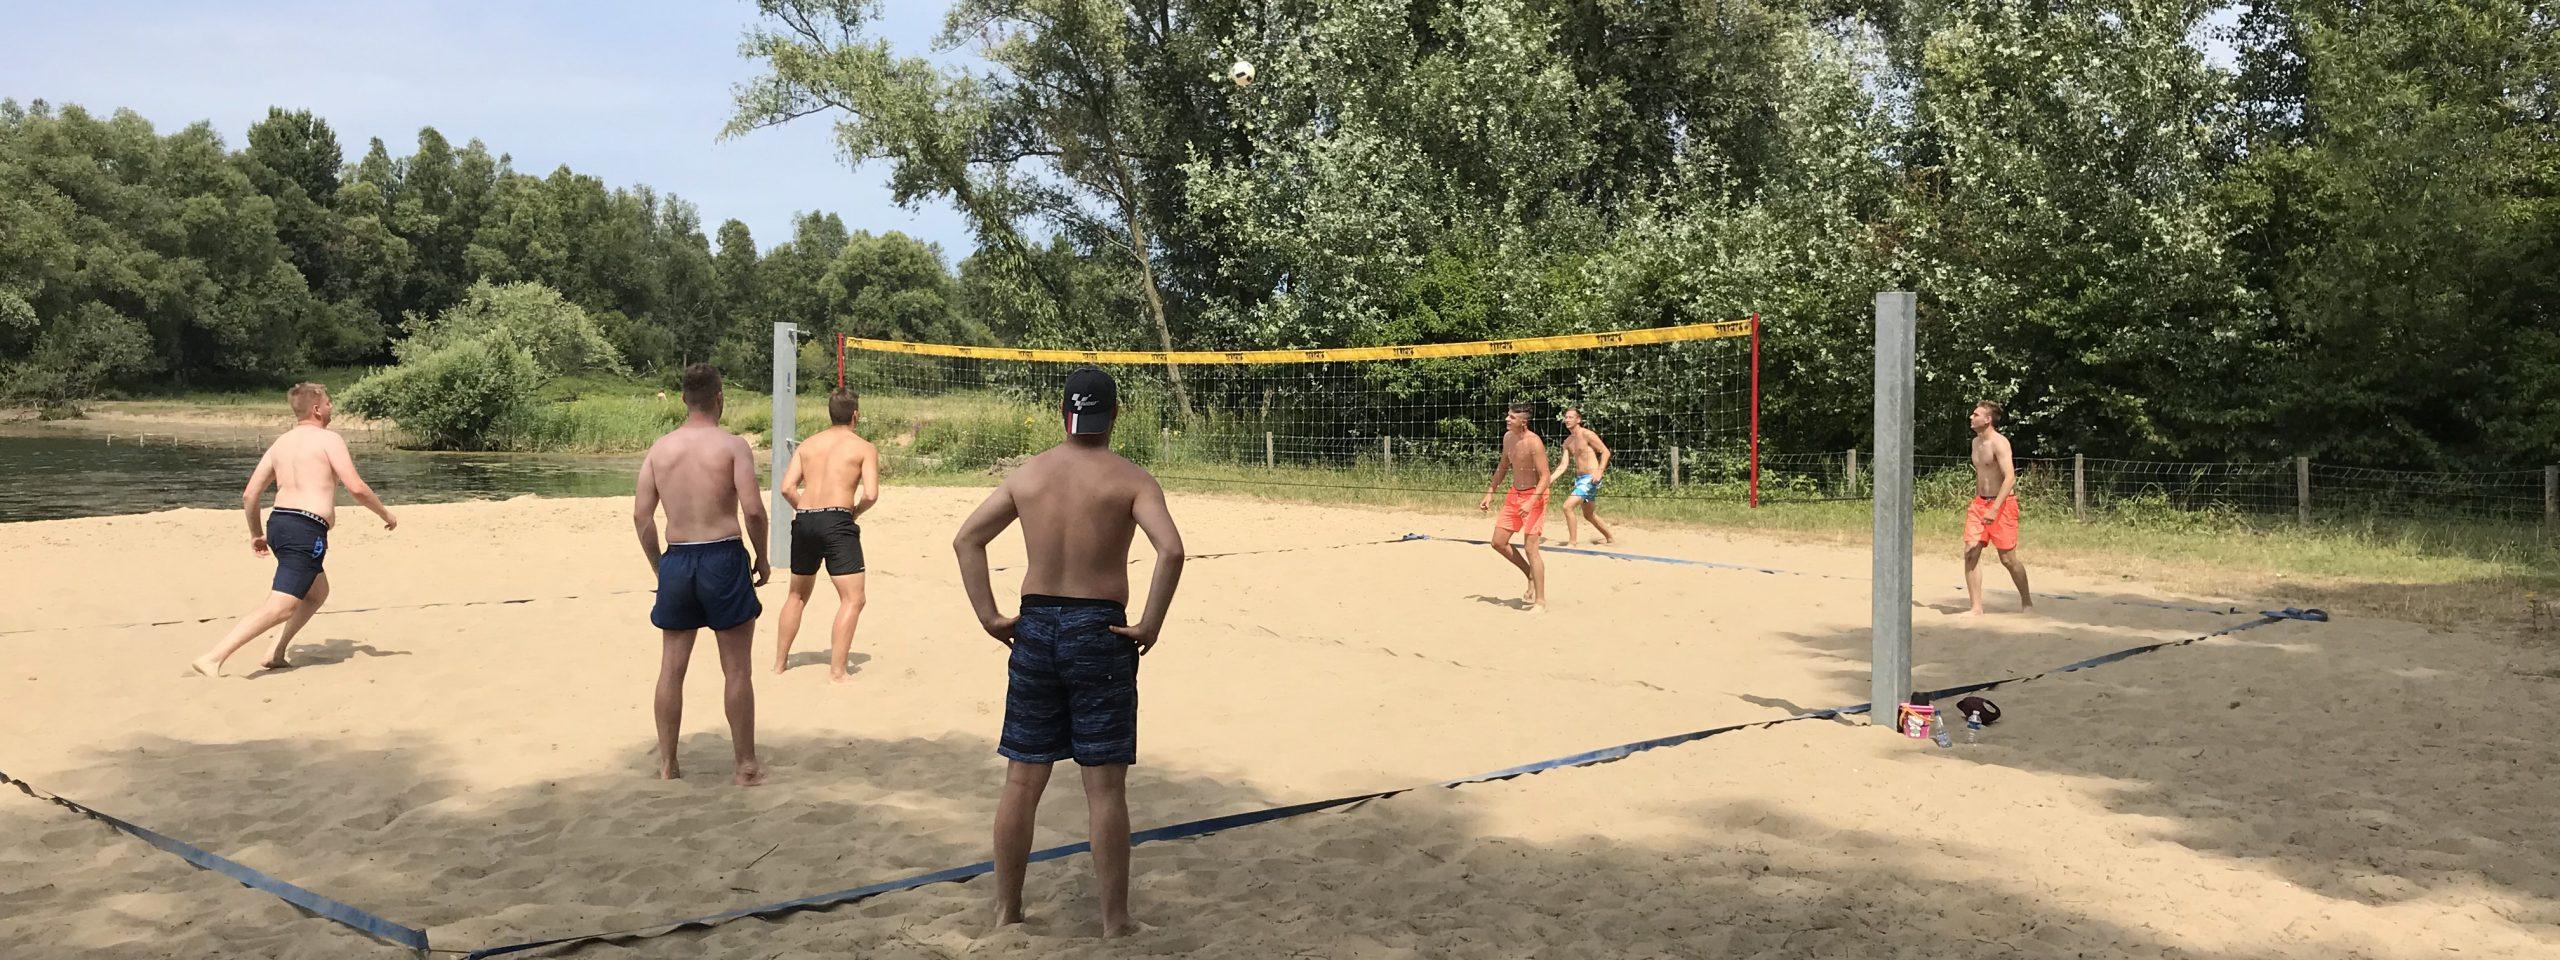 teambuilding-eindhoven-beachvolleybal